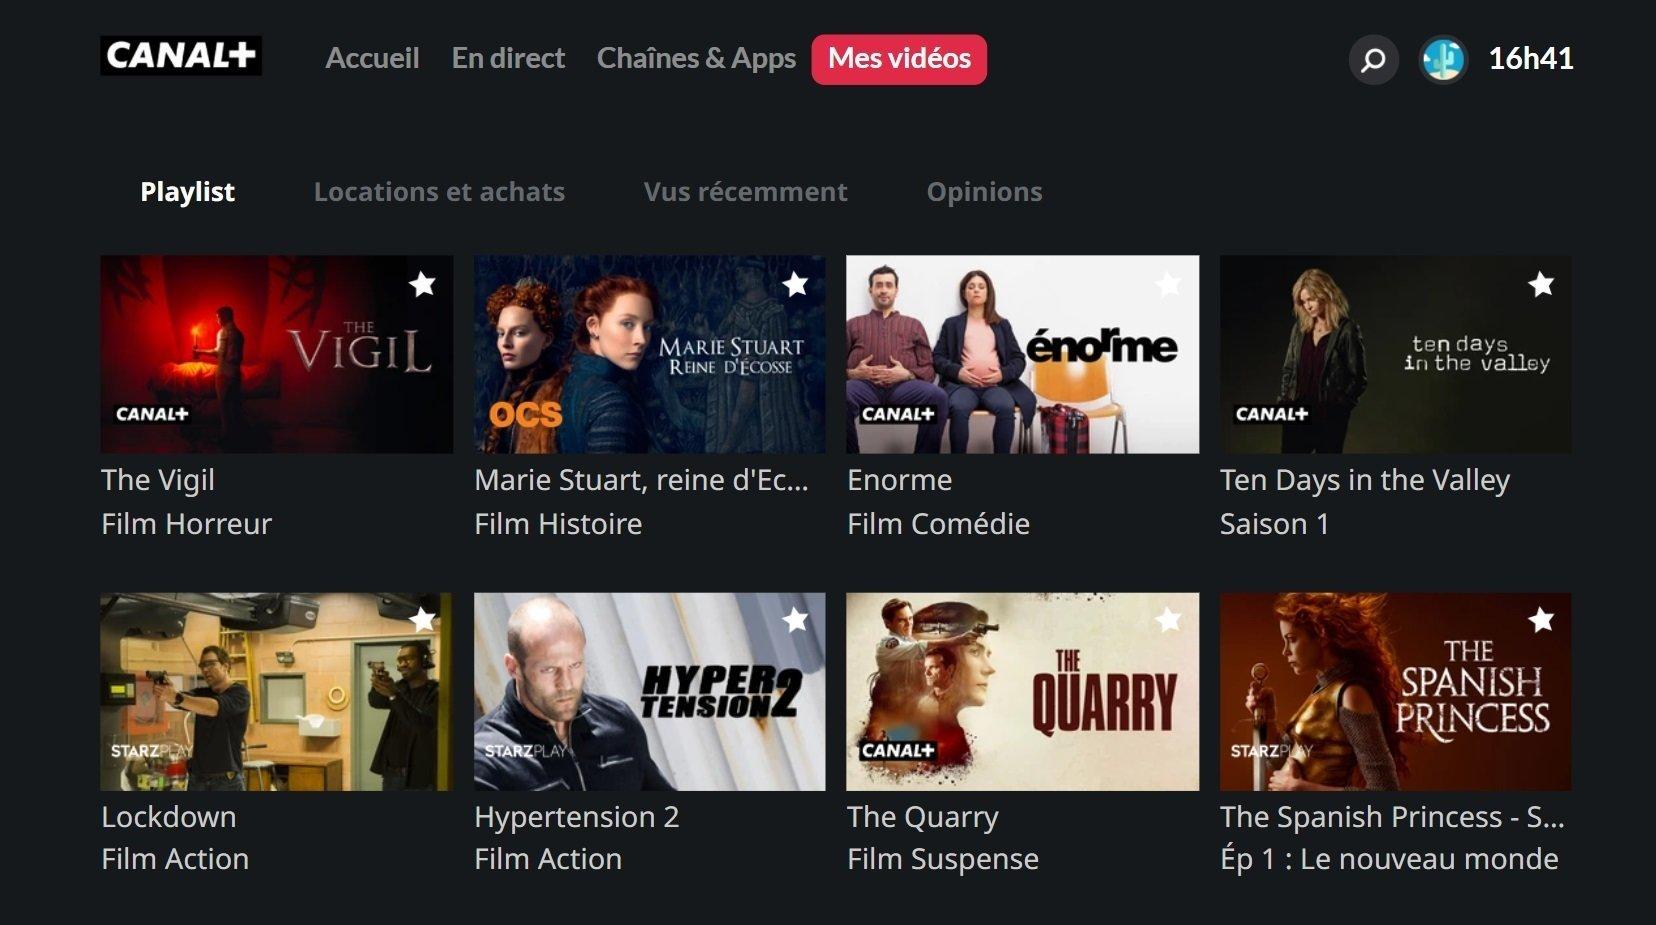 Image du menu Mes vidéos de l'appli CANAL+ sur Smart TV Samsung